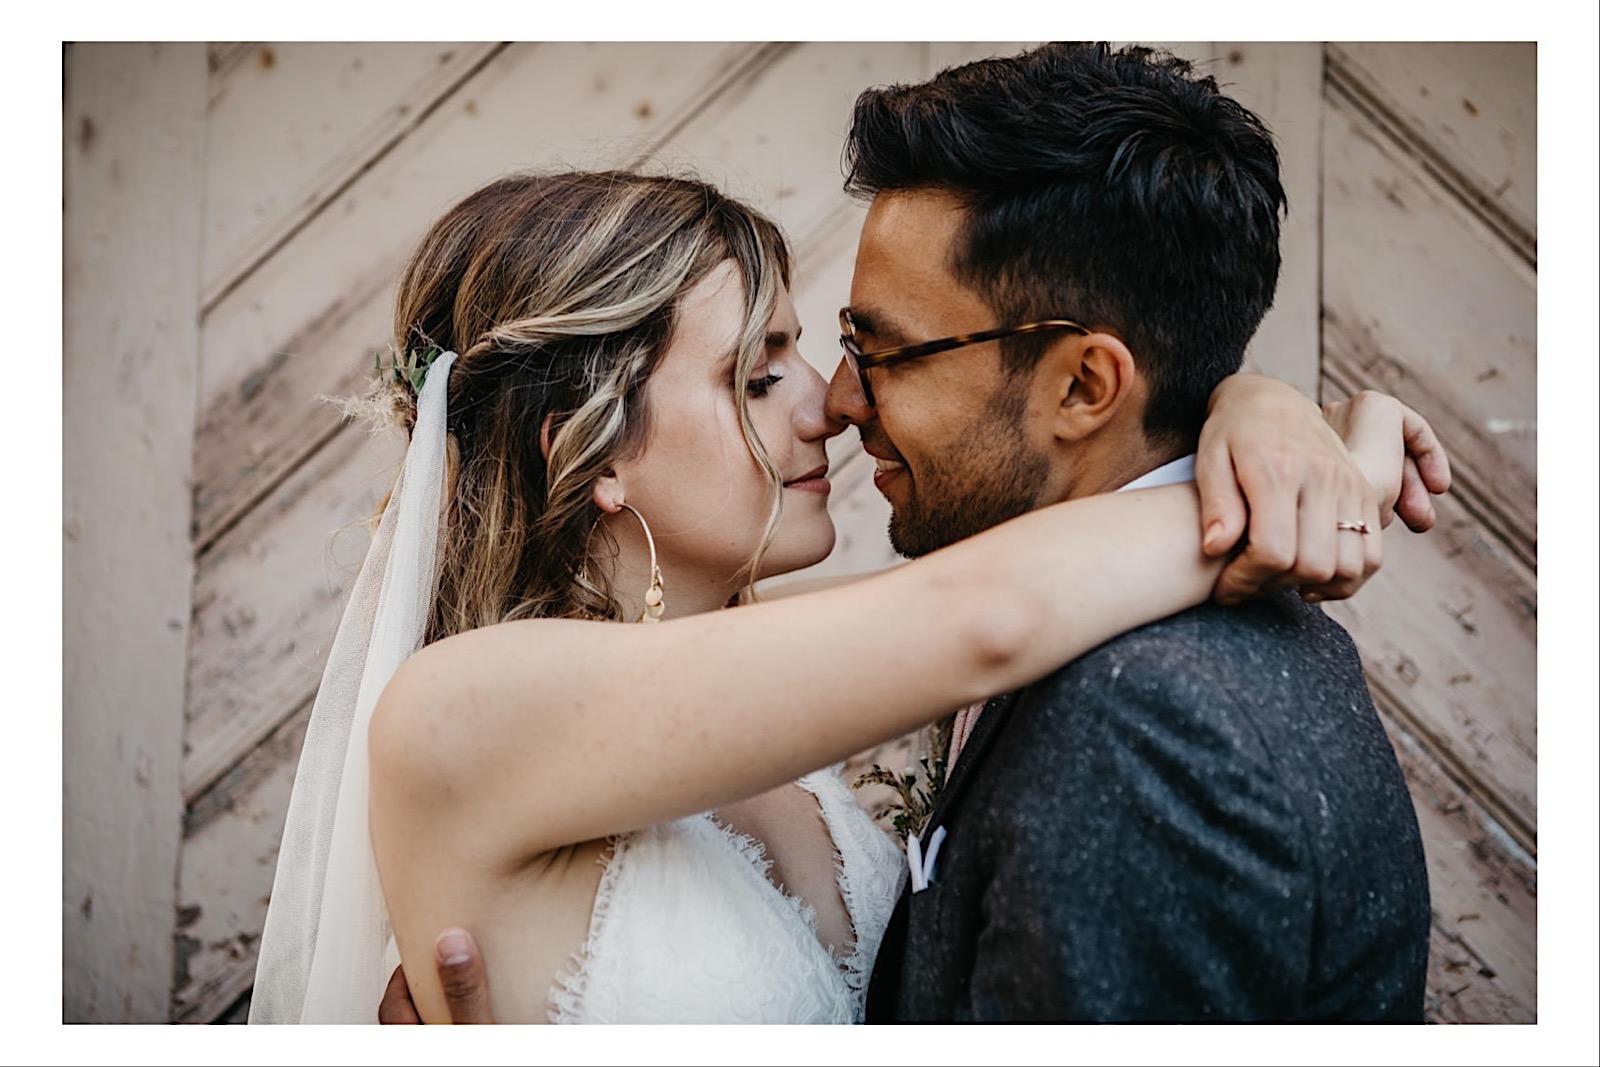 12_bohowedding_afterweddingshoot_elopement_switzerland (30 von 55).jpg